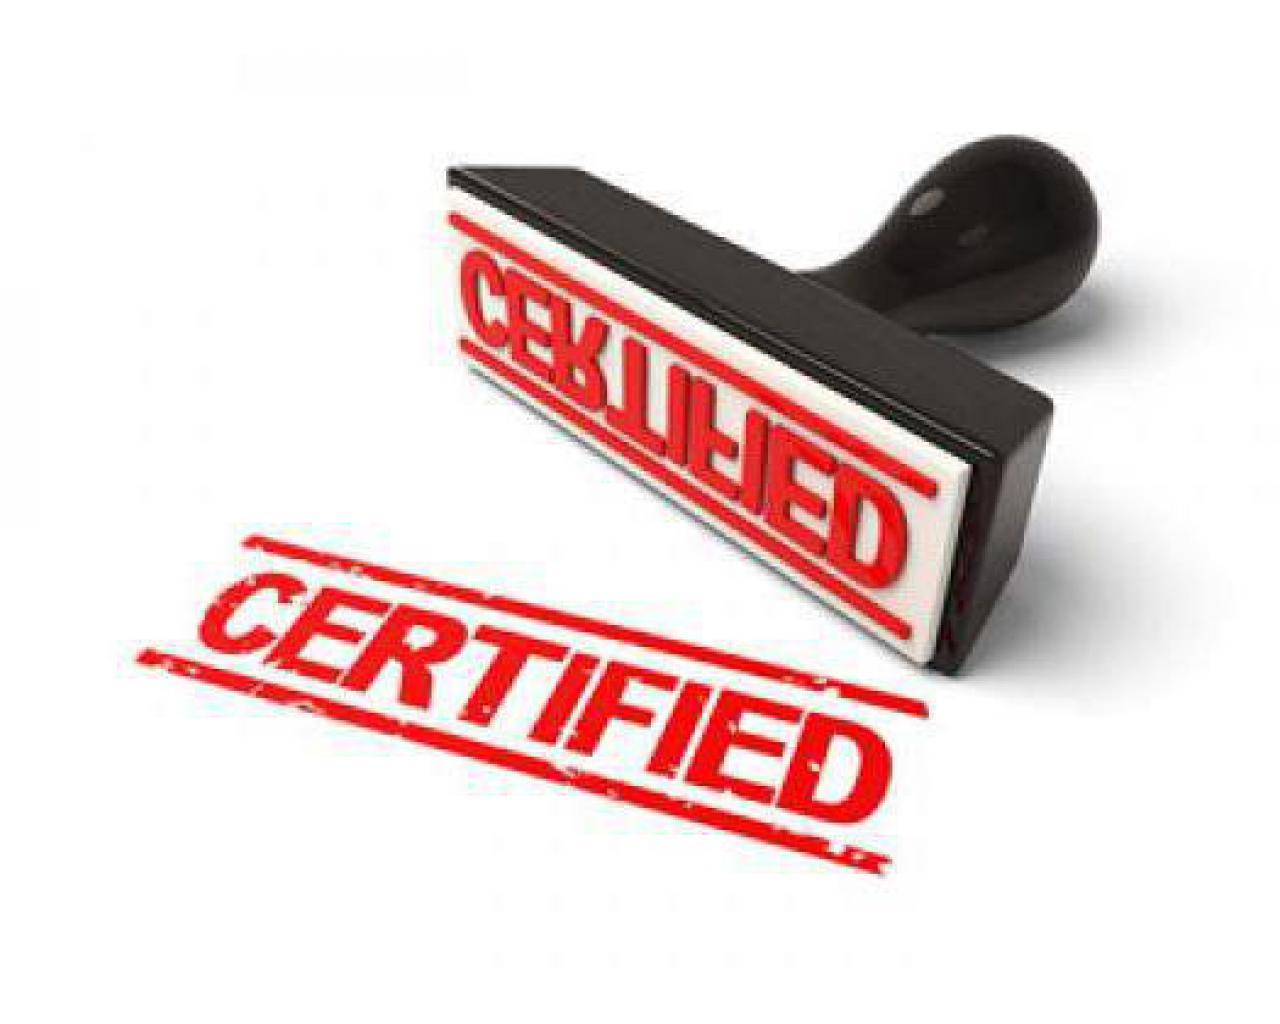 Сертификация любой продукции быстро, качественно, надежно